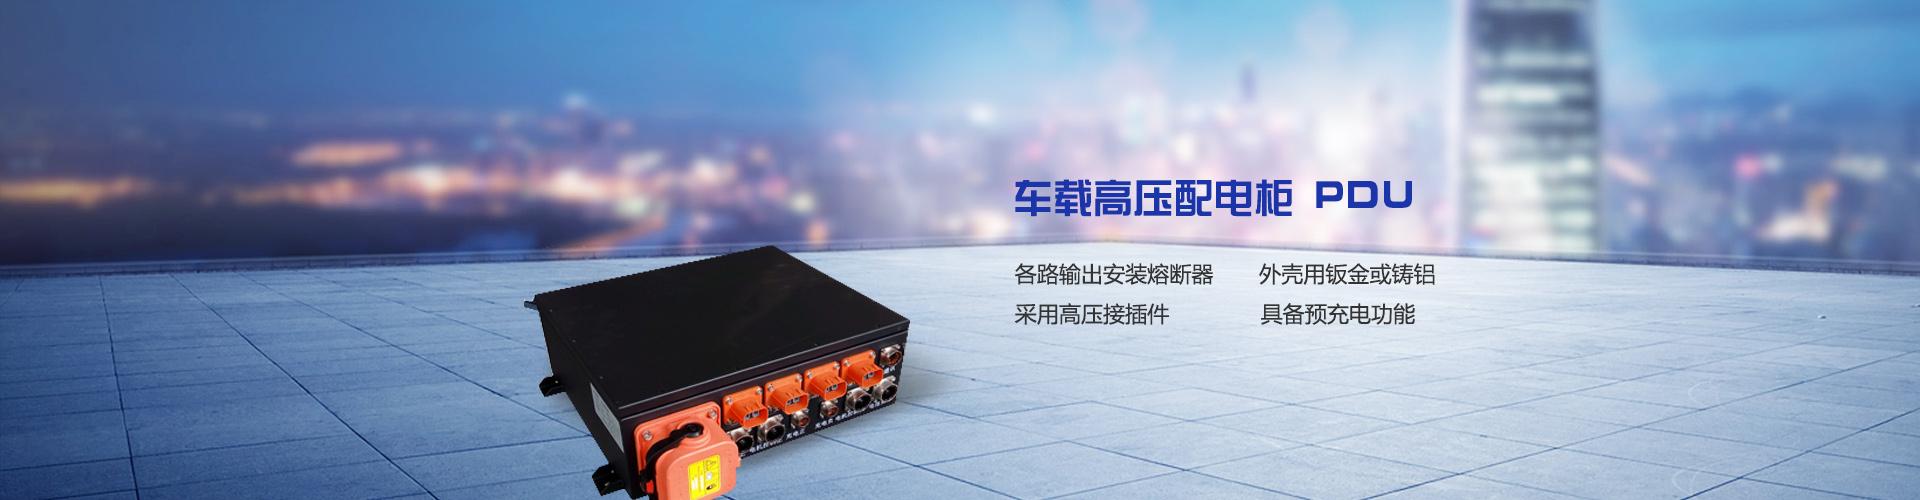 首页 产品中心 汽车充电车载设备系统  车载高压配电柜 pdu  产品中心